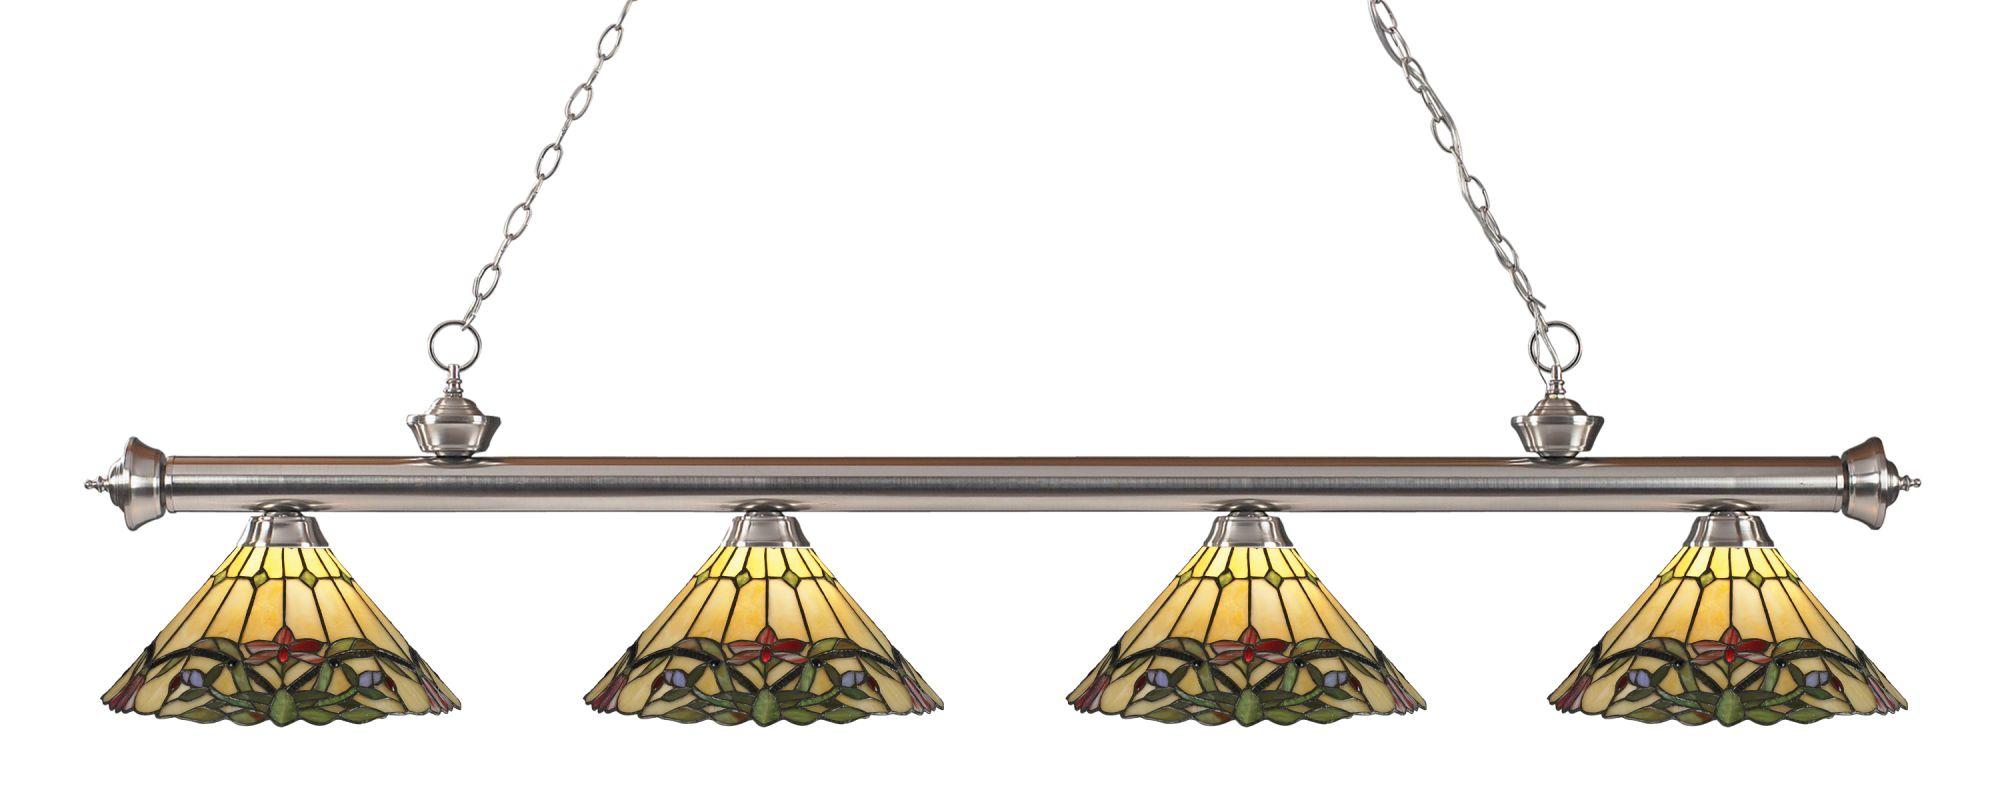 Z-Lite 200-4-Z14-49 Riviera 4 Light Island/Billiard Light with Sale $1062.00 ITEM: bci2564634 ID#:200-4BN-Z14-49 UPC: 685659041590 :